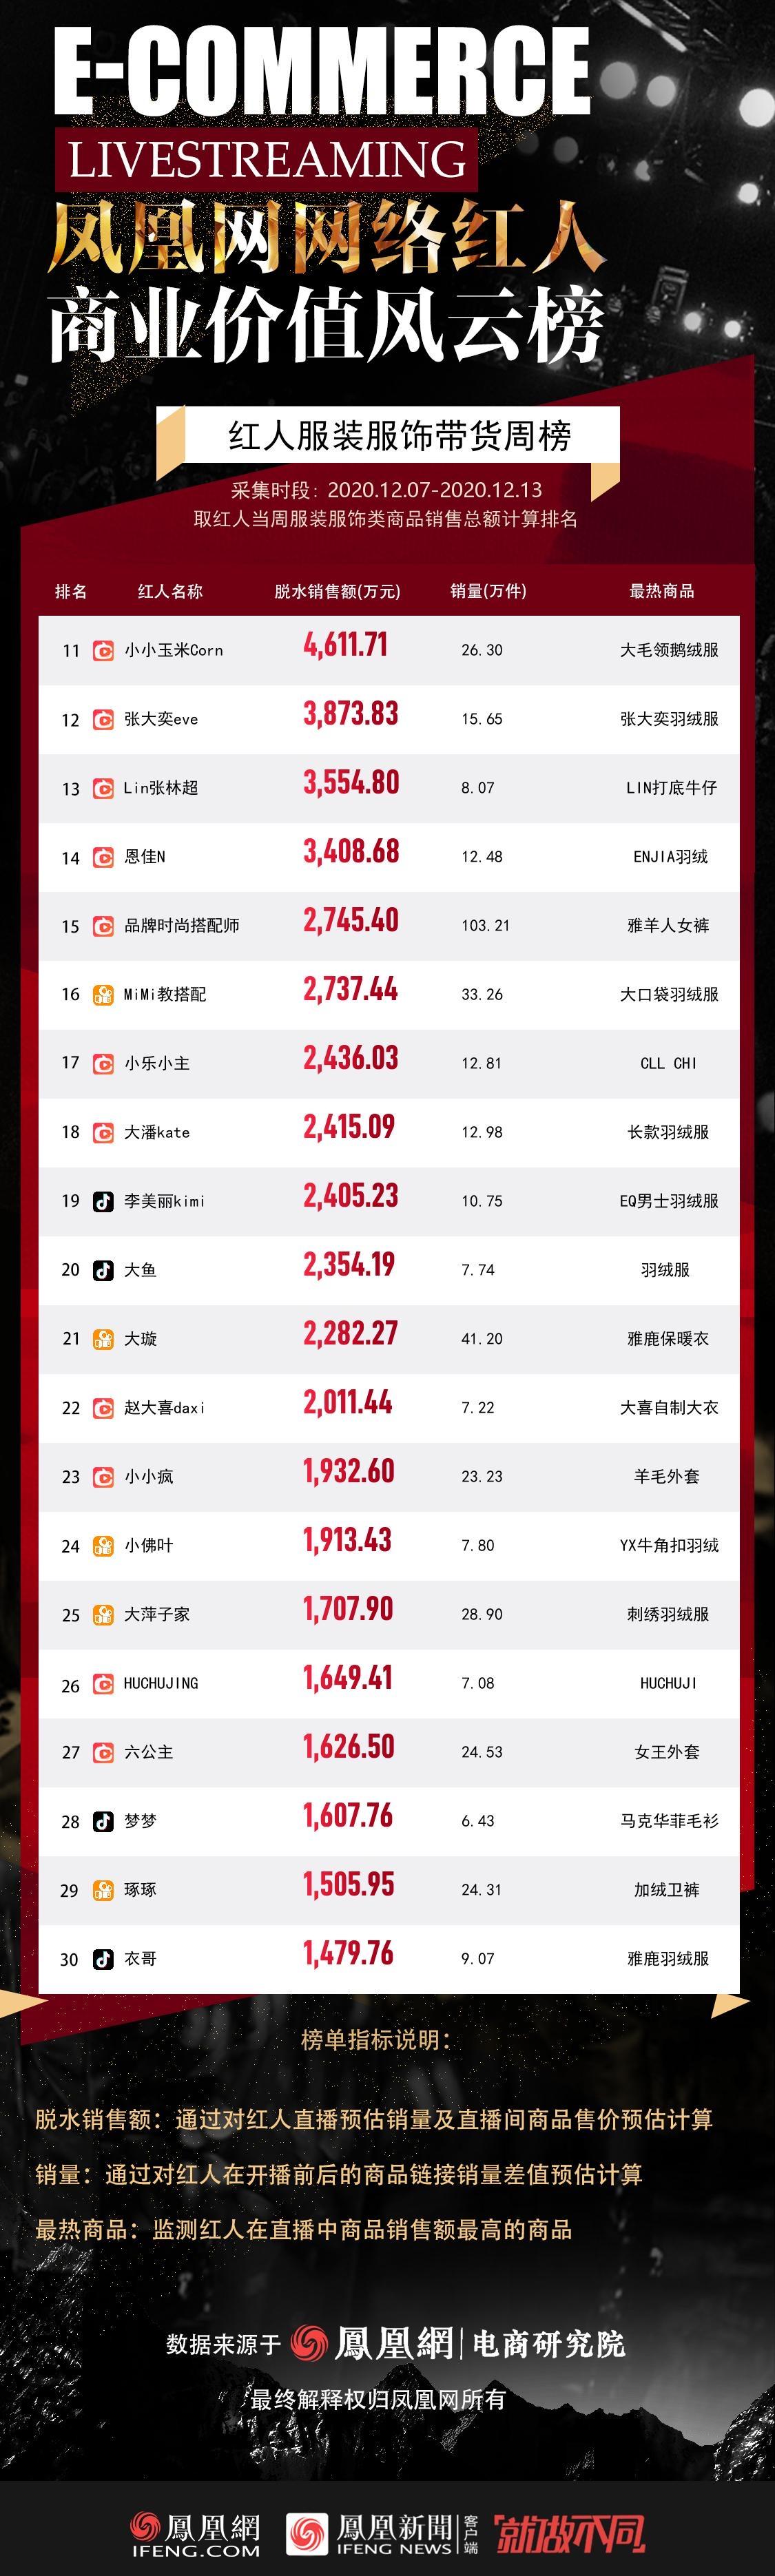 红人服装服饰带货GMV排行榜TOP11-30